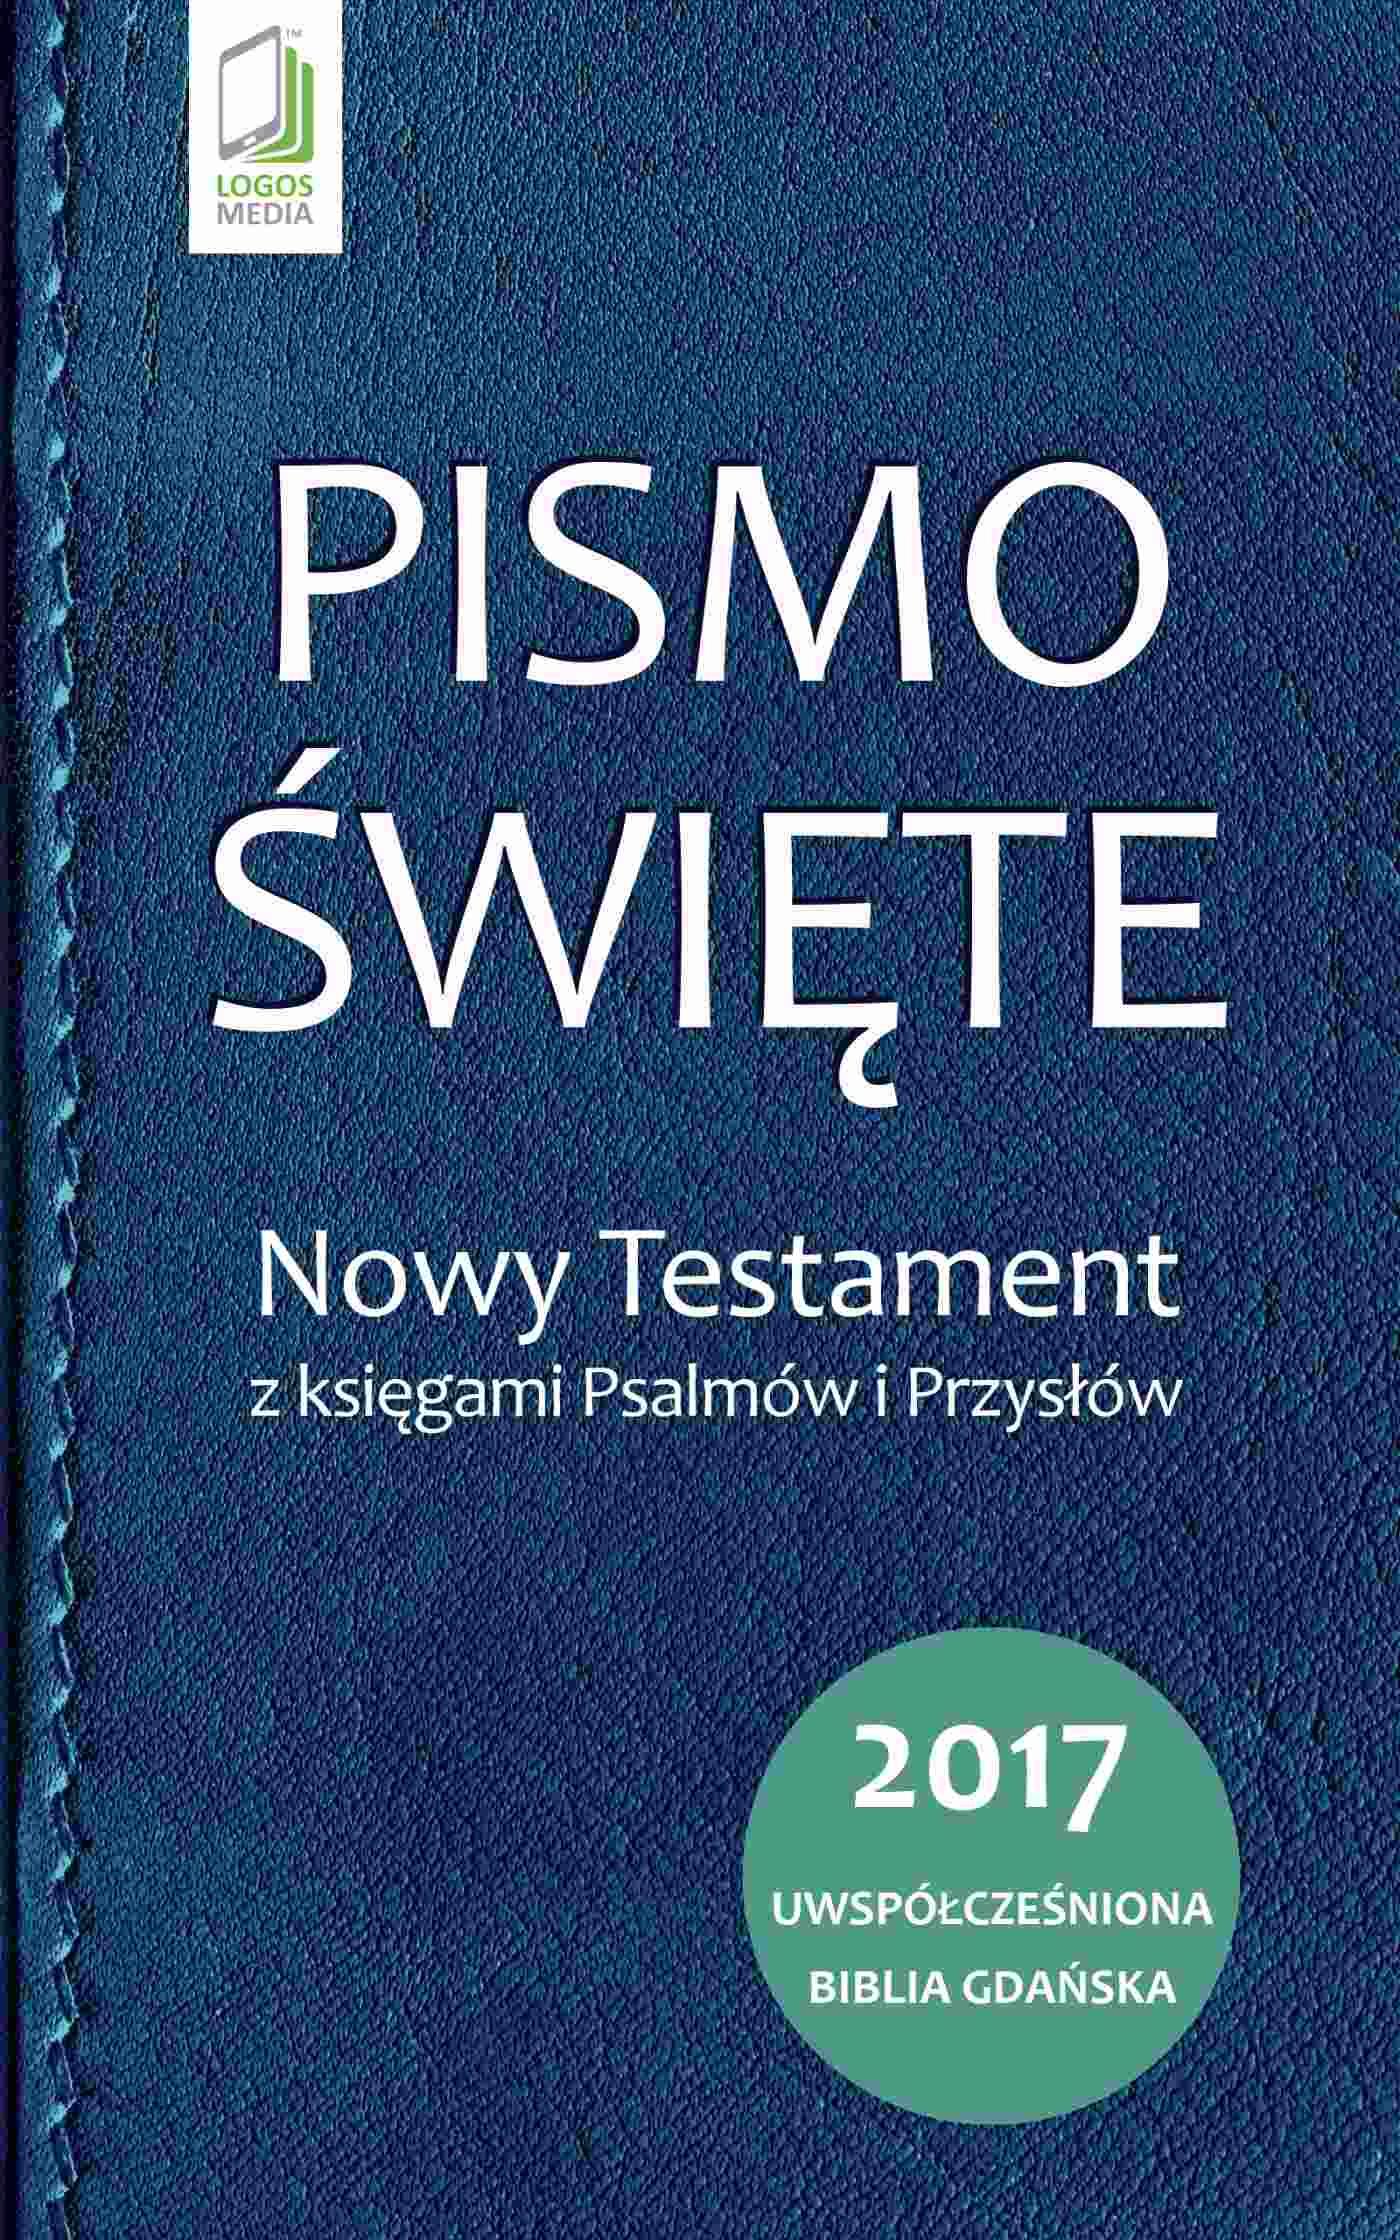 Pismo Święte. Nowy Testament z księgami Psalmów i Przysłów - Ebook (Książka EPUB) do pobrania w formacie EPUB